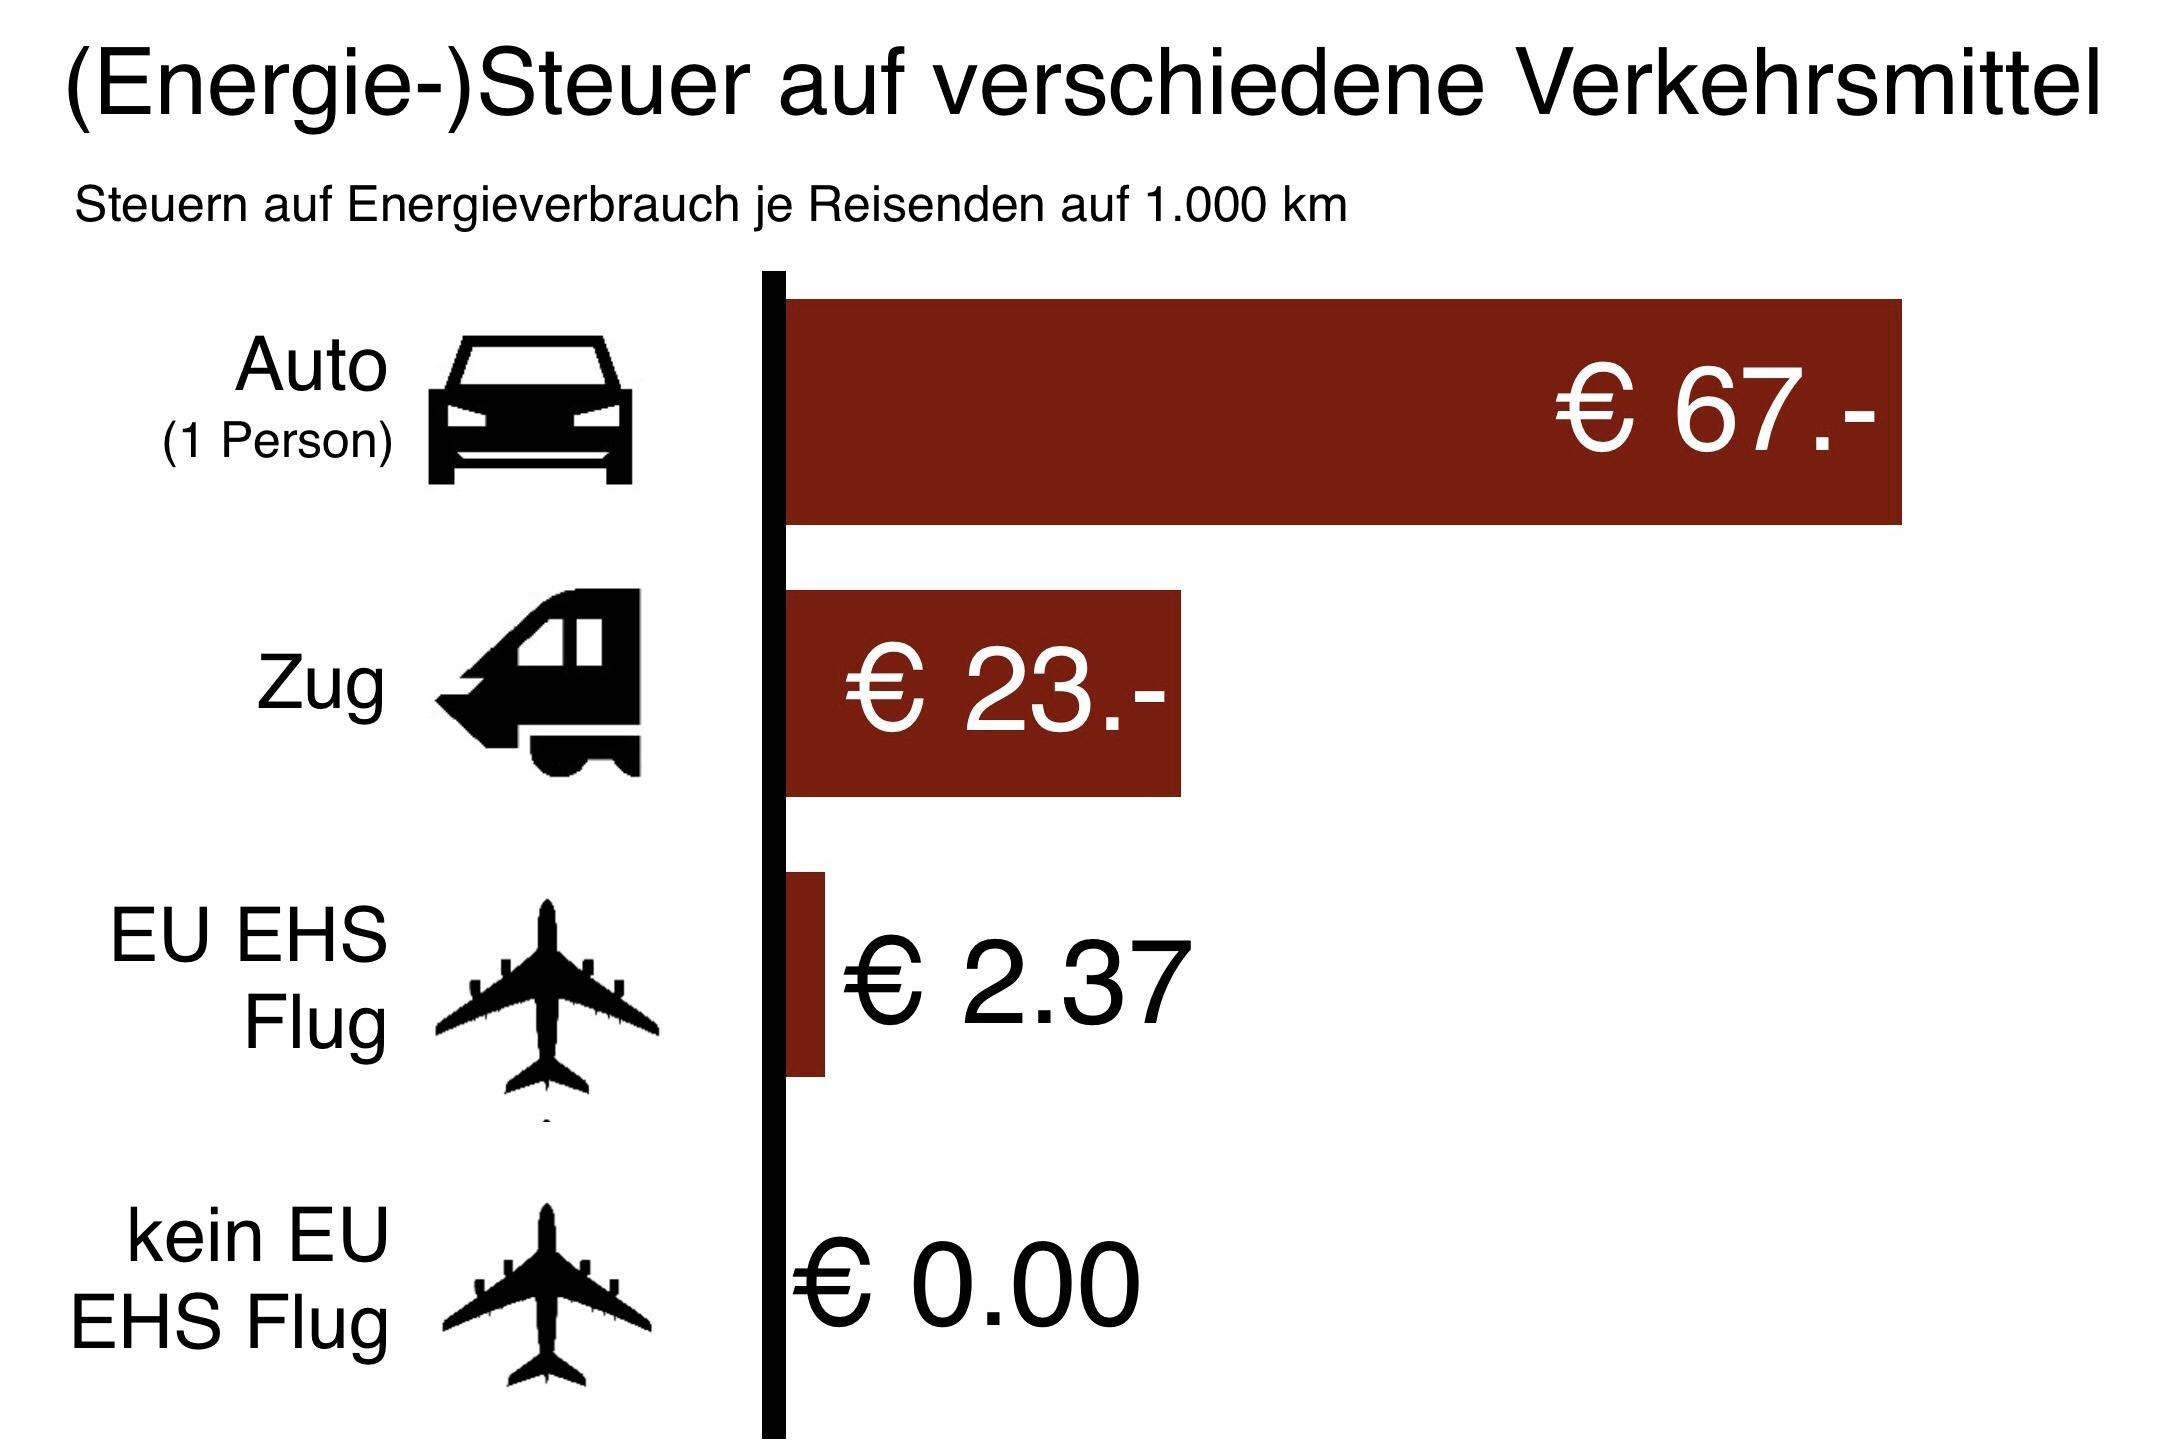 (Energie-)Steuer auf Verkehrsmittel